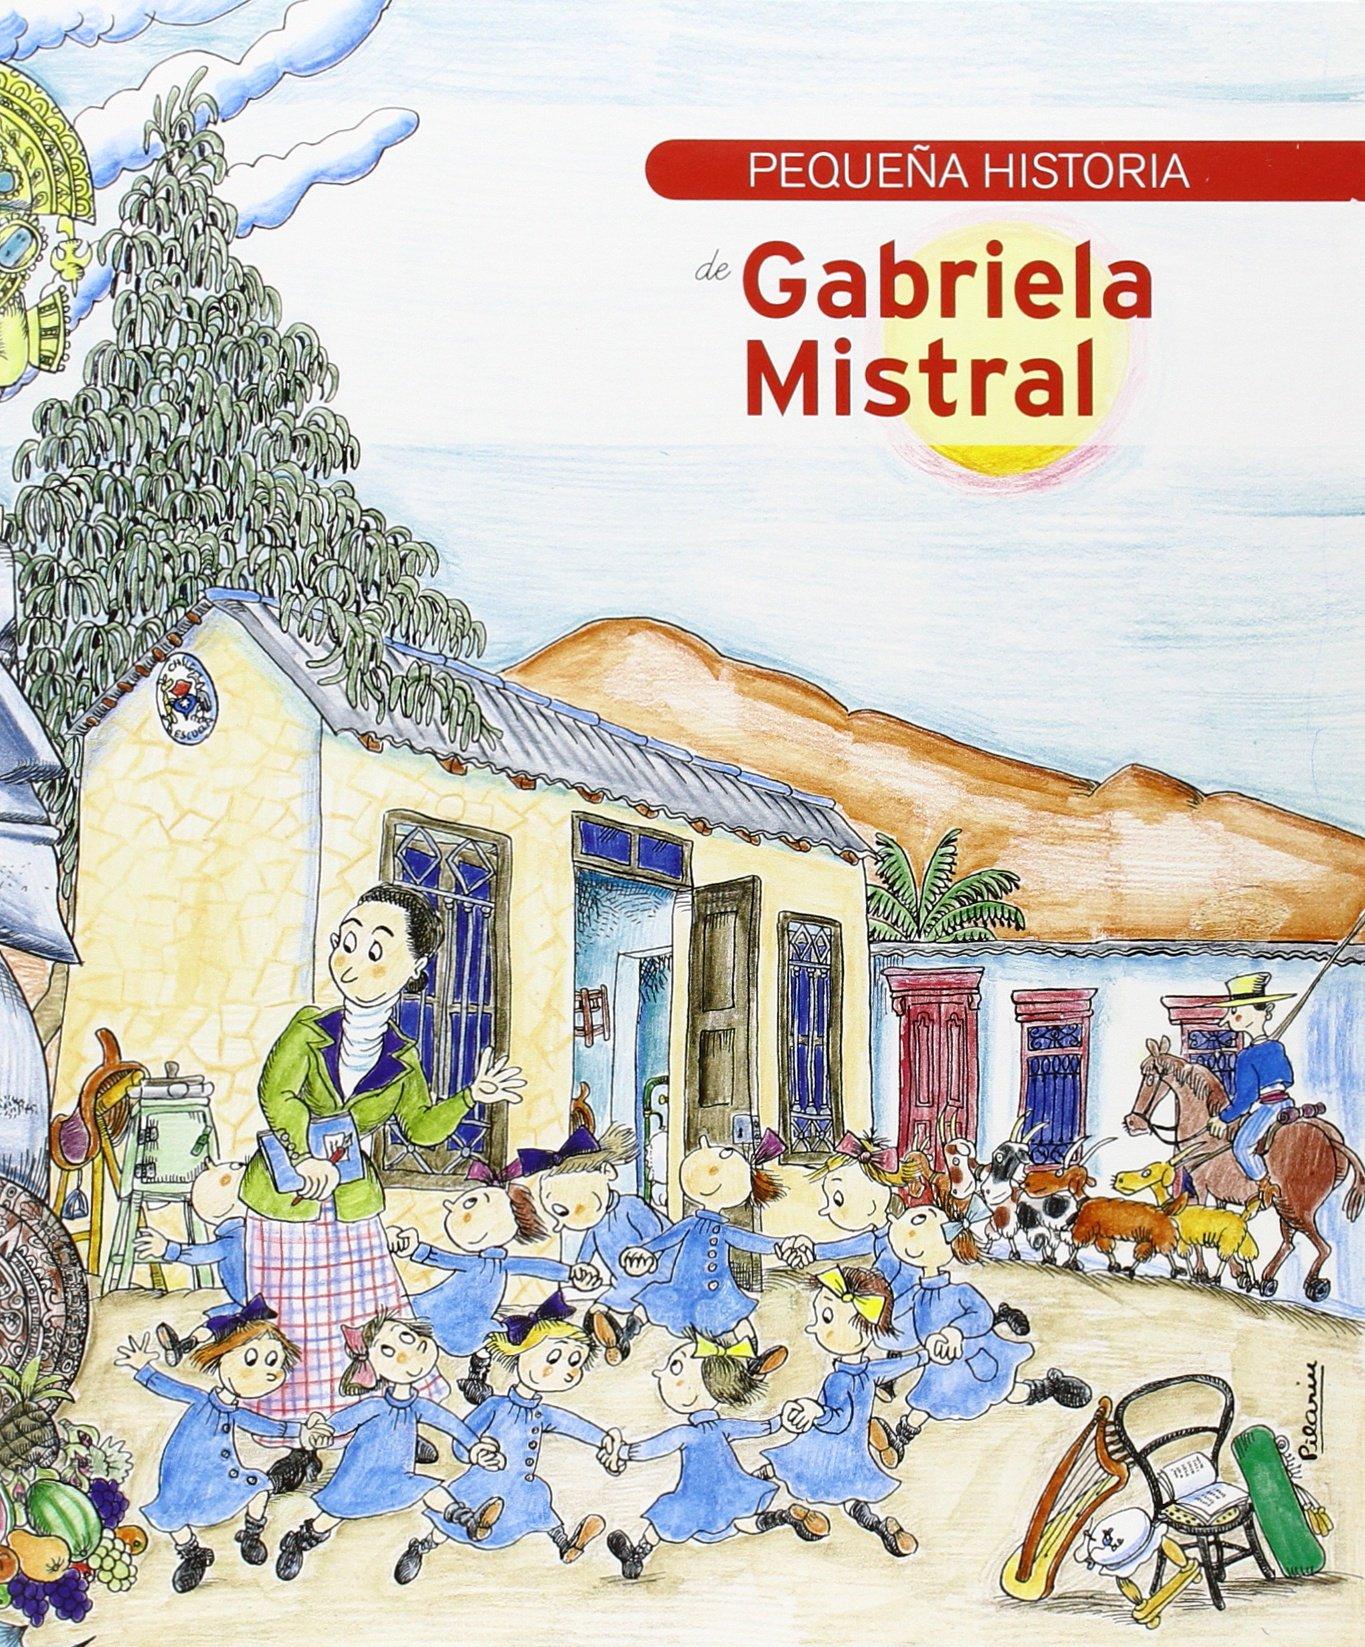 Pequeña historia de Gabriela Mistral 2ª ed. Petites històries: Amazon.es: Martín, Lydia: Libros